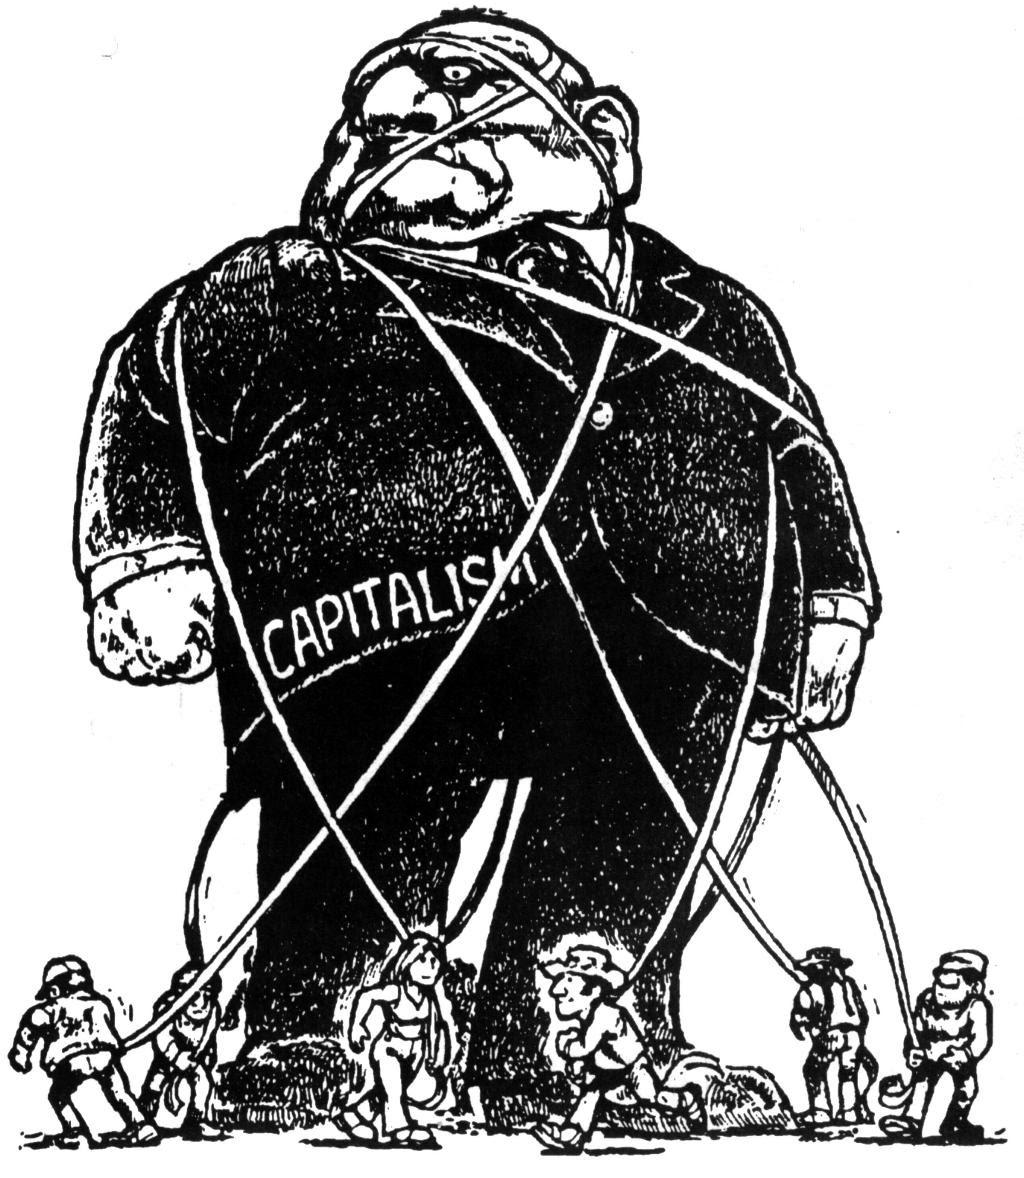 http://www.rudemacedon.ca/lgi/graphics/what-happened/capitalism-bound.jpg